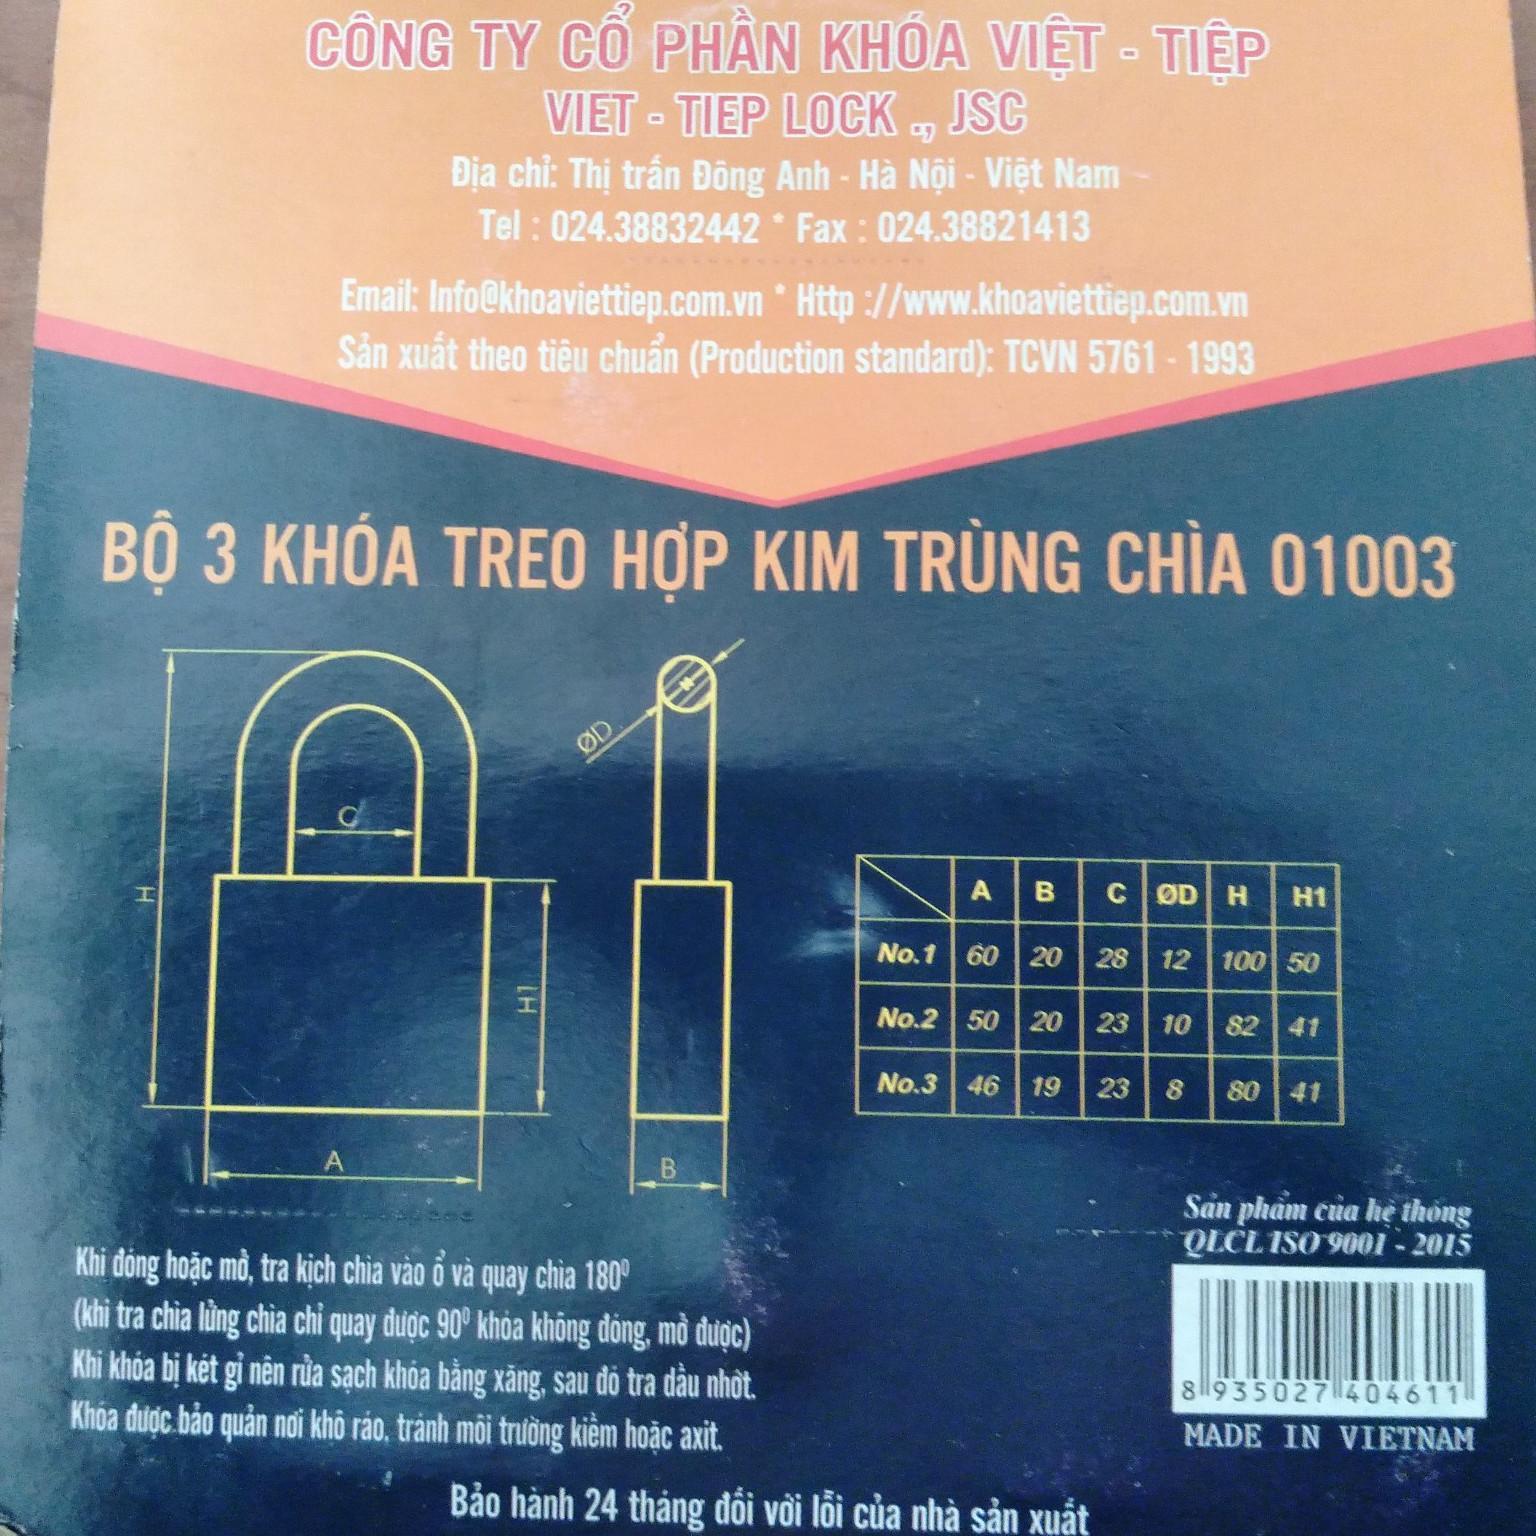 Combo 3 khóa chung chìa Việt Tiệp